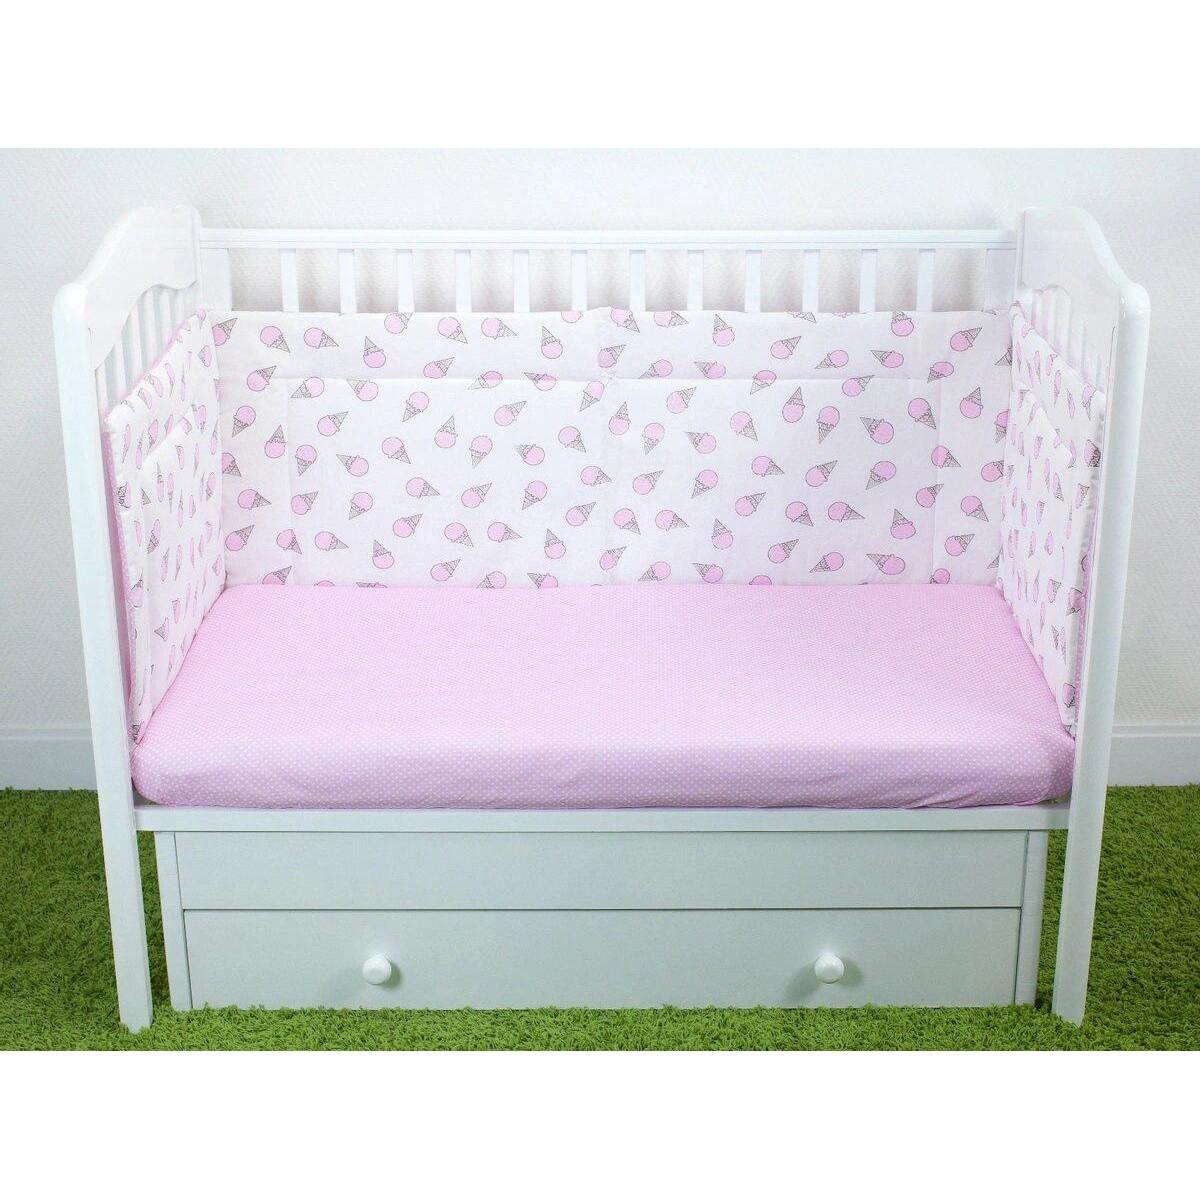 Бортик для детской кроватки Magic City Розовый десерт БК-ББ-003/35